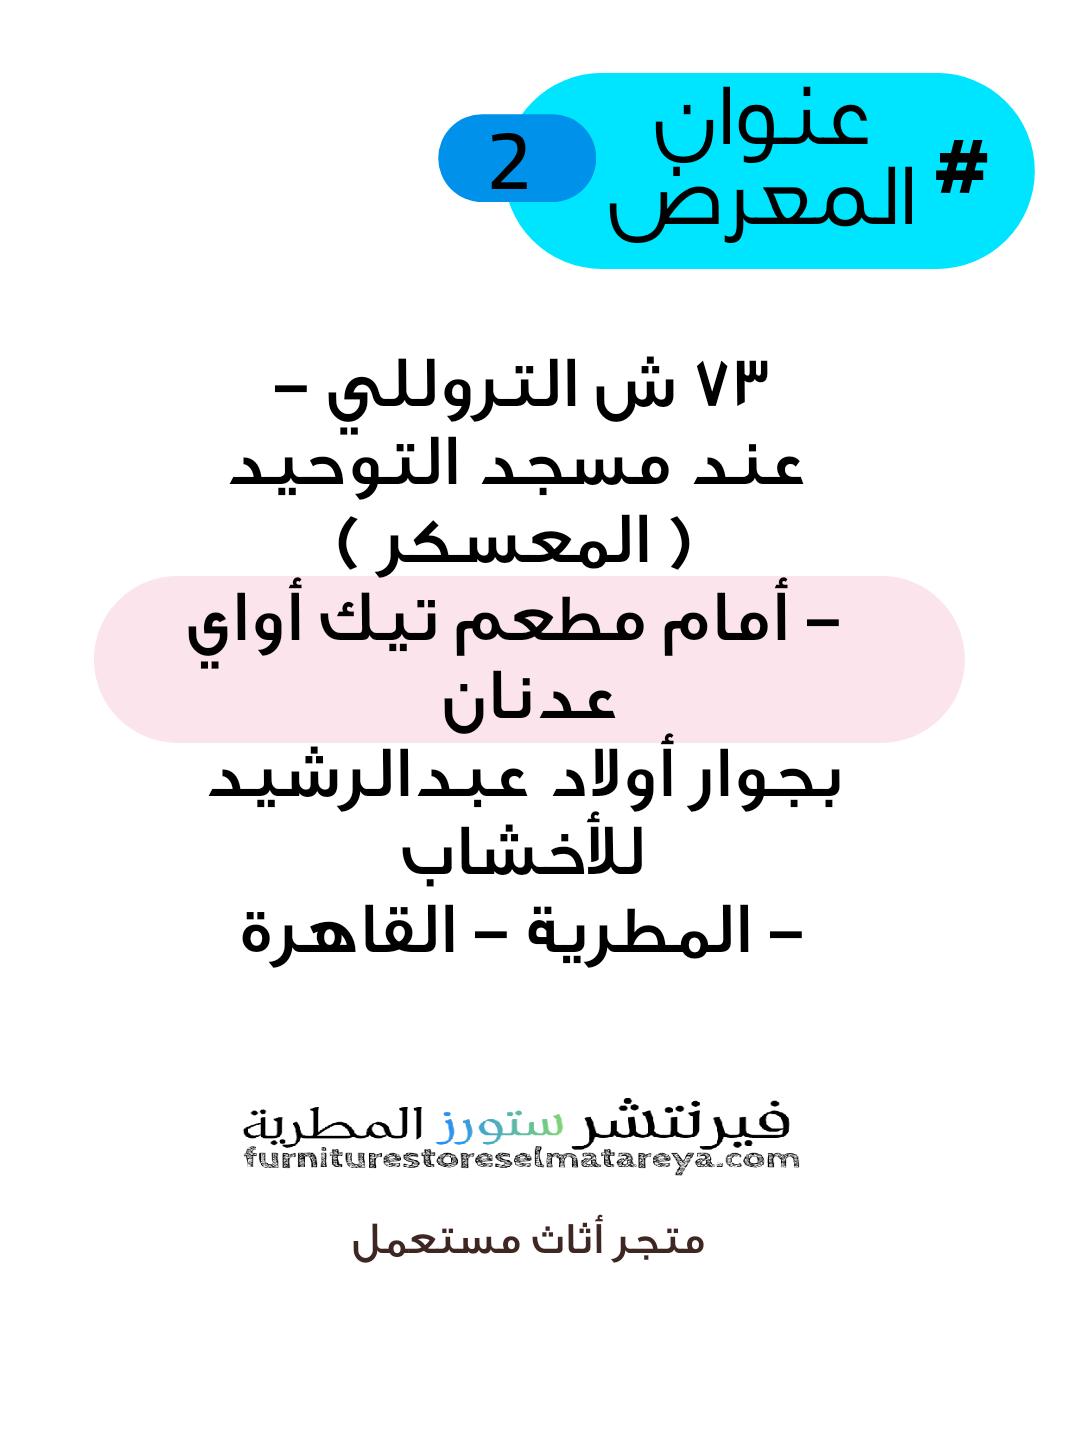 عناوين معارض بيع الأثاث المستعمل في المطرية القاهرة